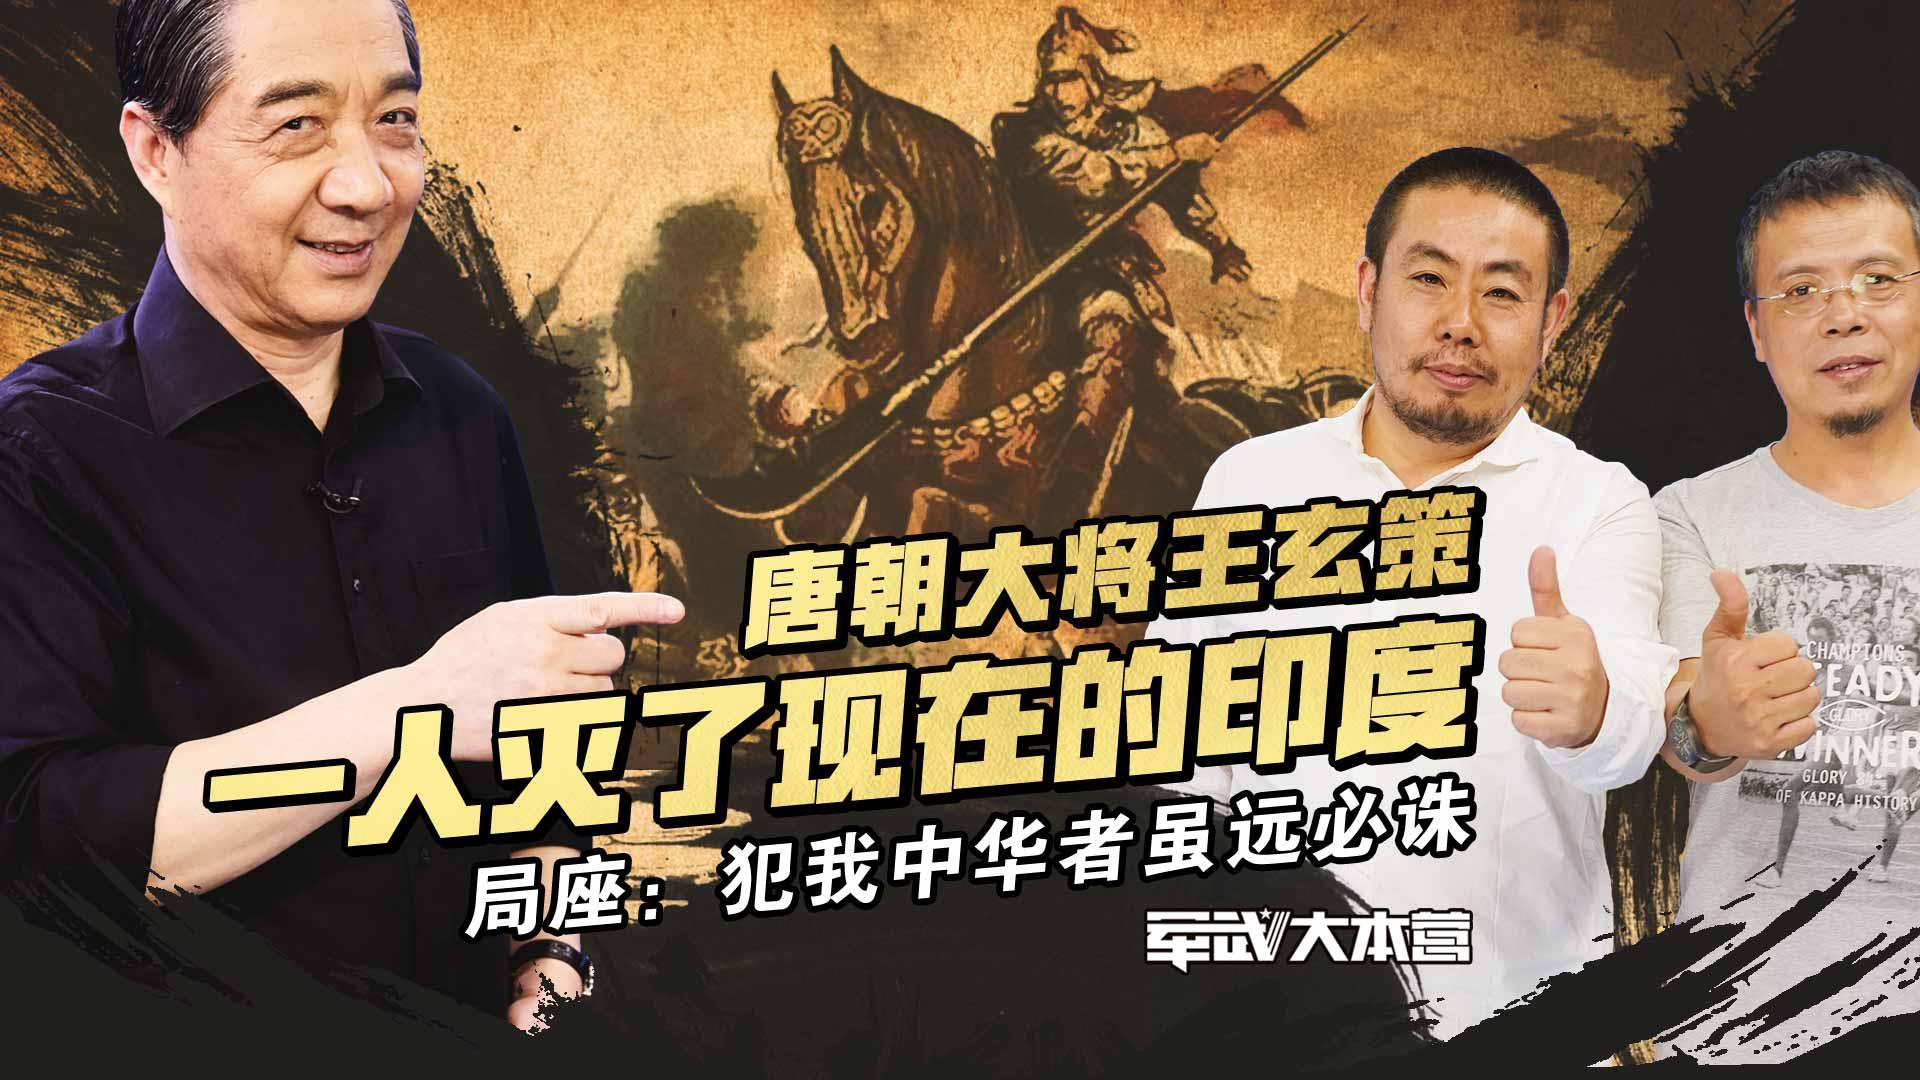 唐朝大将王玄策一人灭了现在的印度 局座:犯我中华者虽远必诛